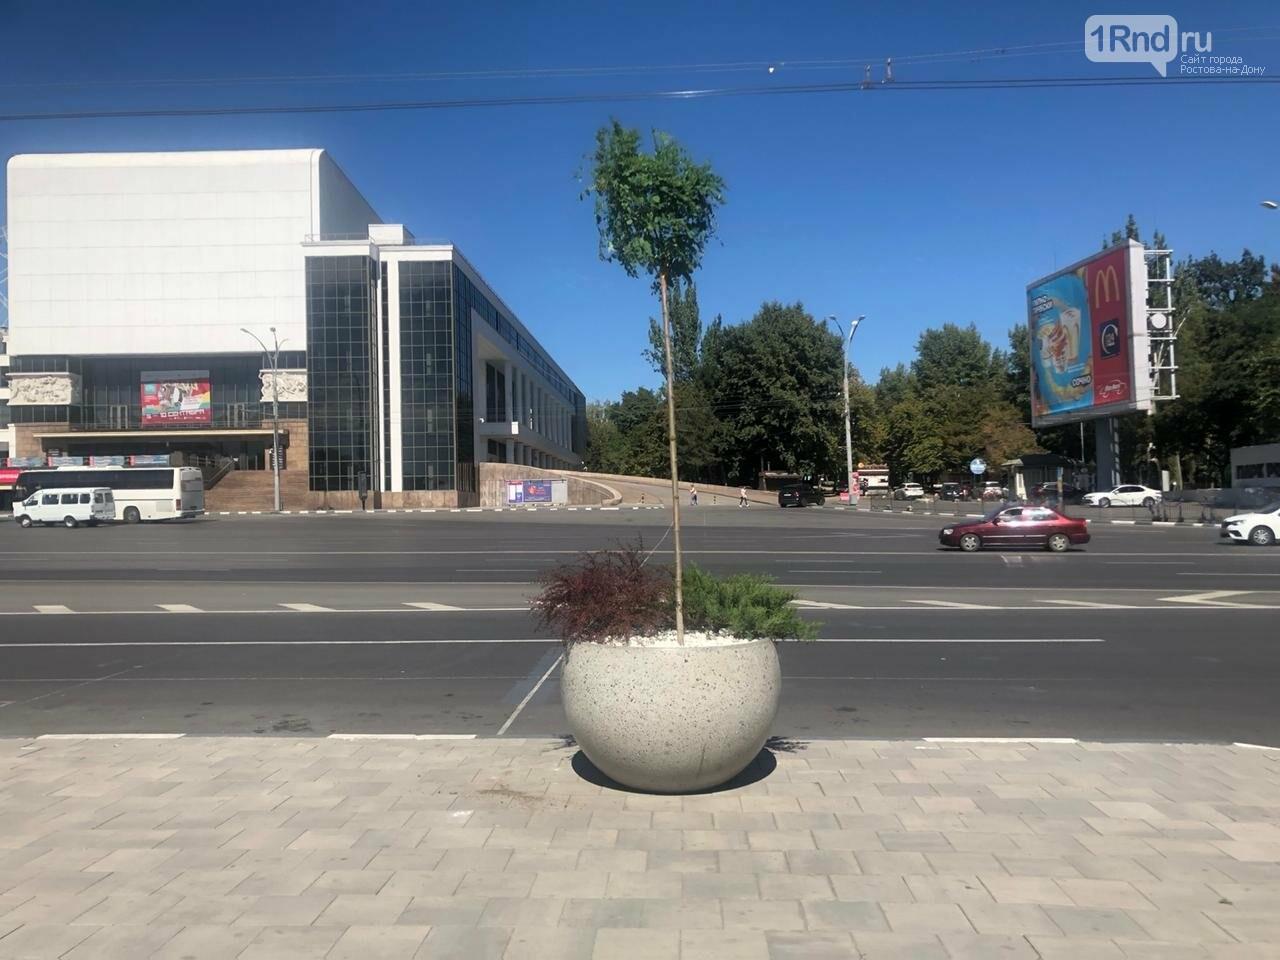 Кадки с деревьями появились на Театральной площади Ростова